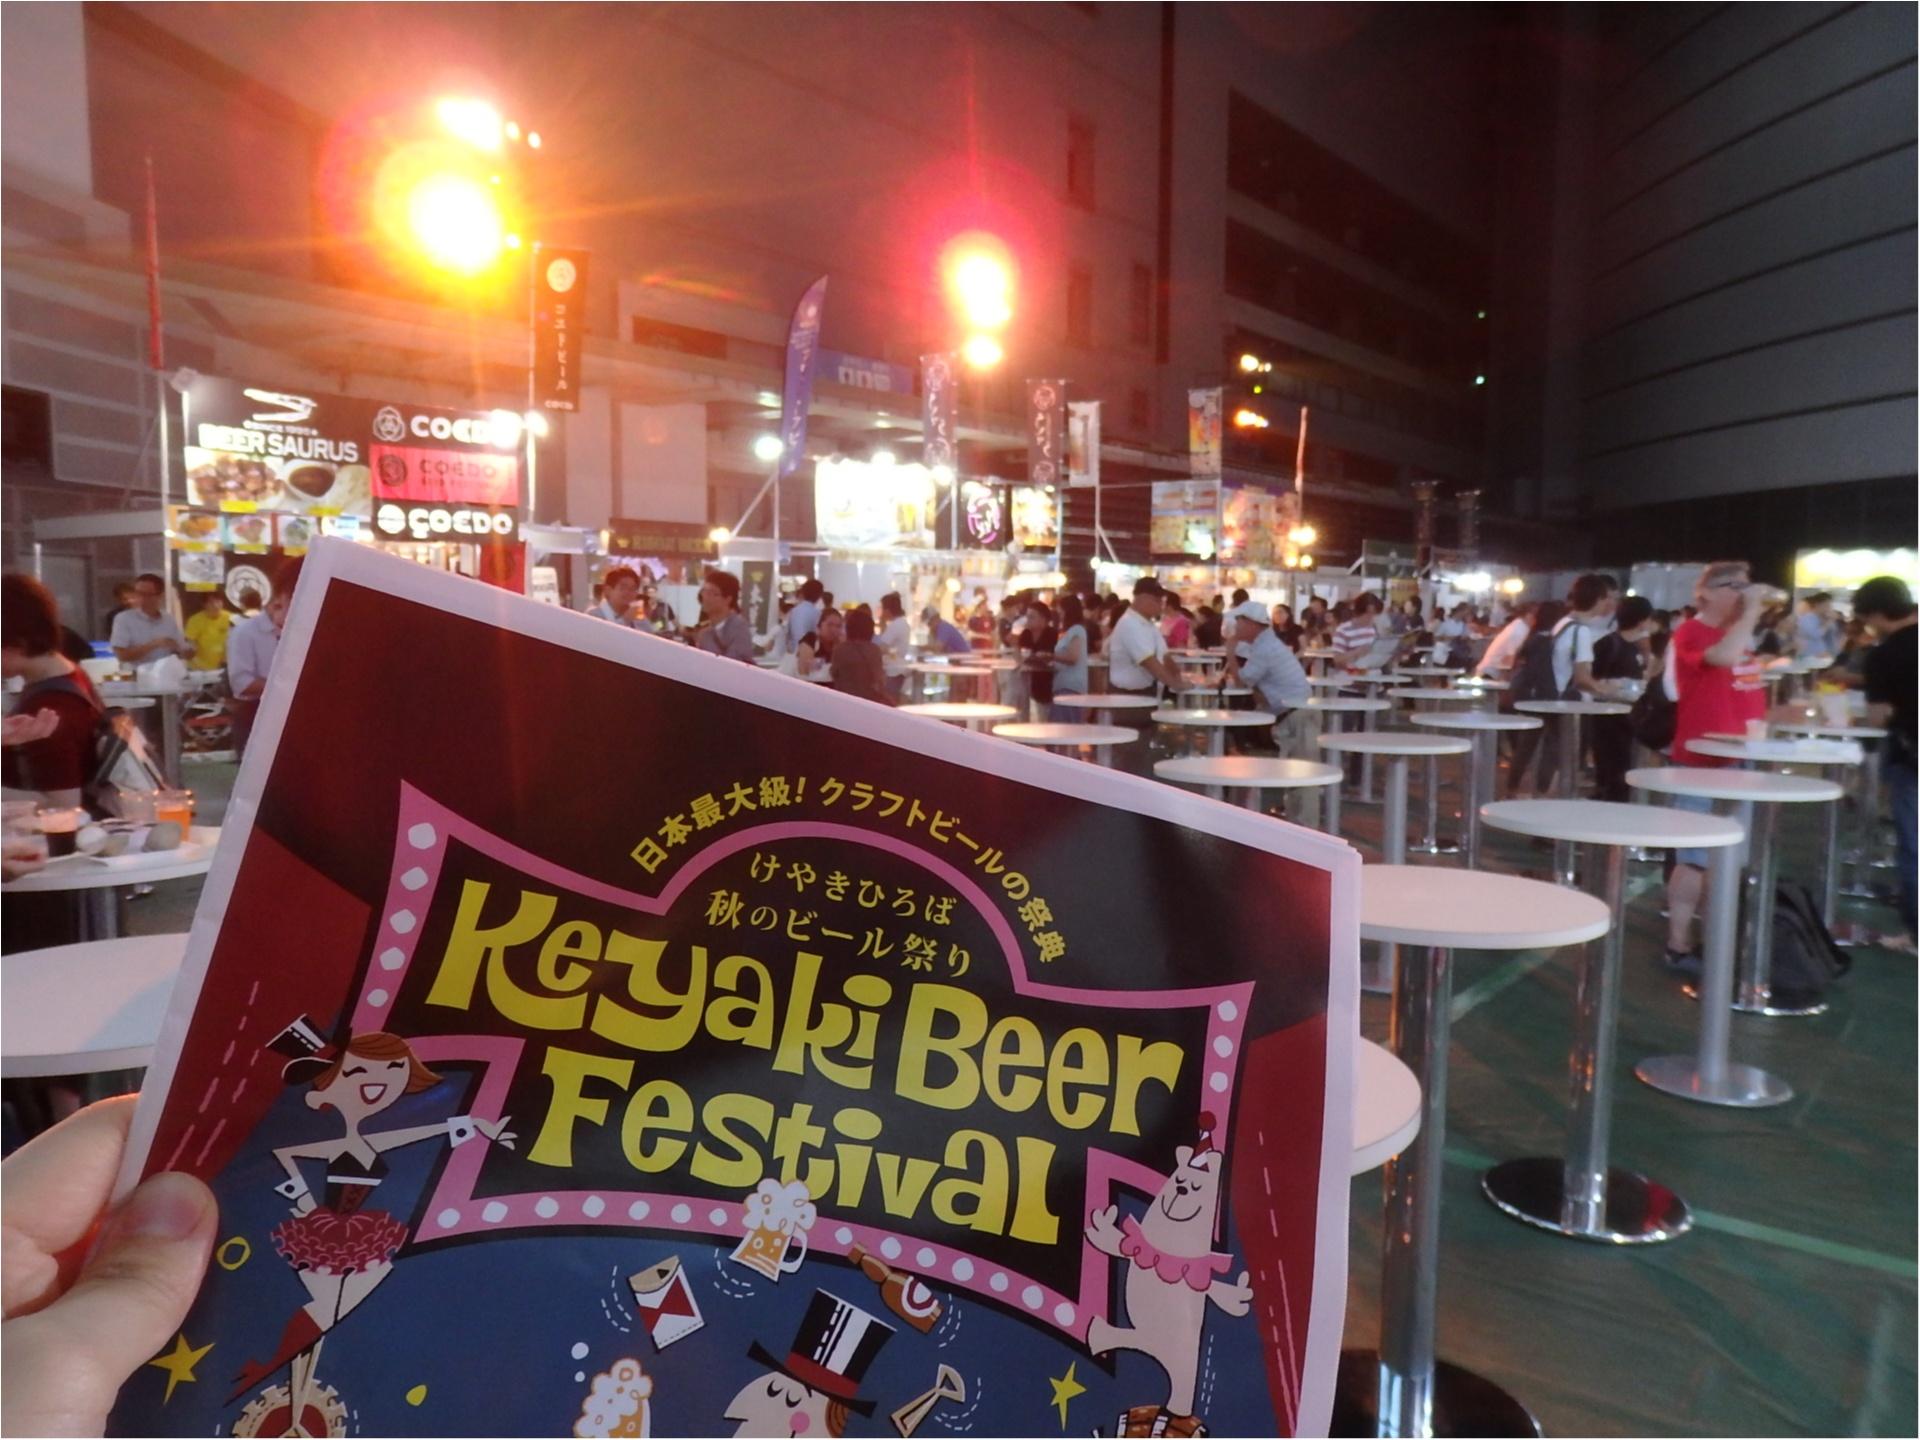 【速報】けやきひろば秋のビール祭り本日からスタート♪気になる混雑具合や無料席の様子などレポします!_1